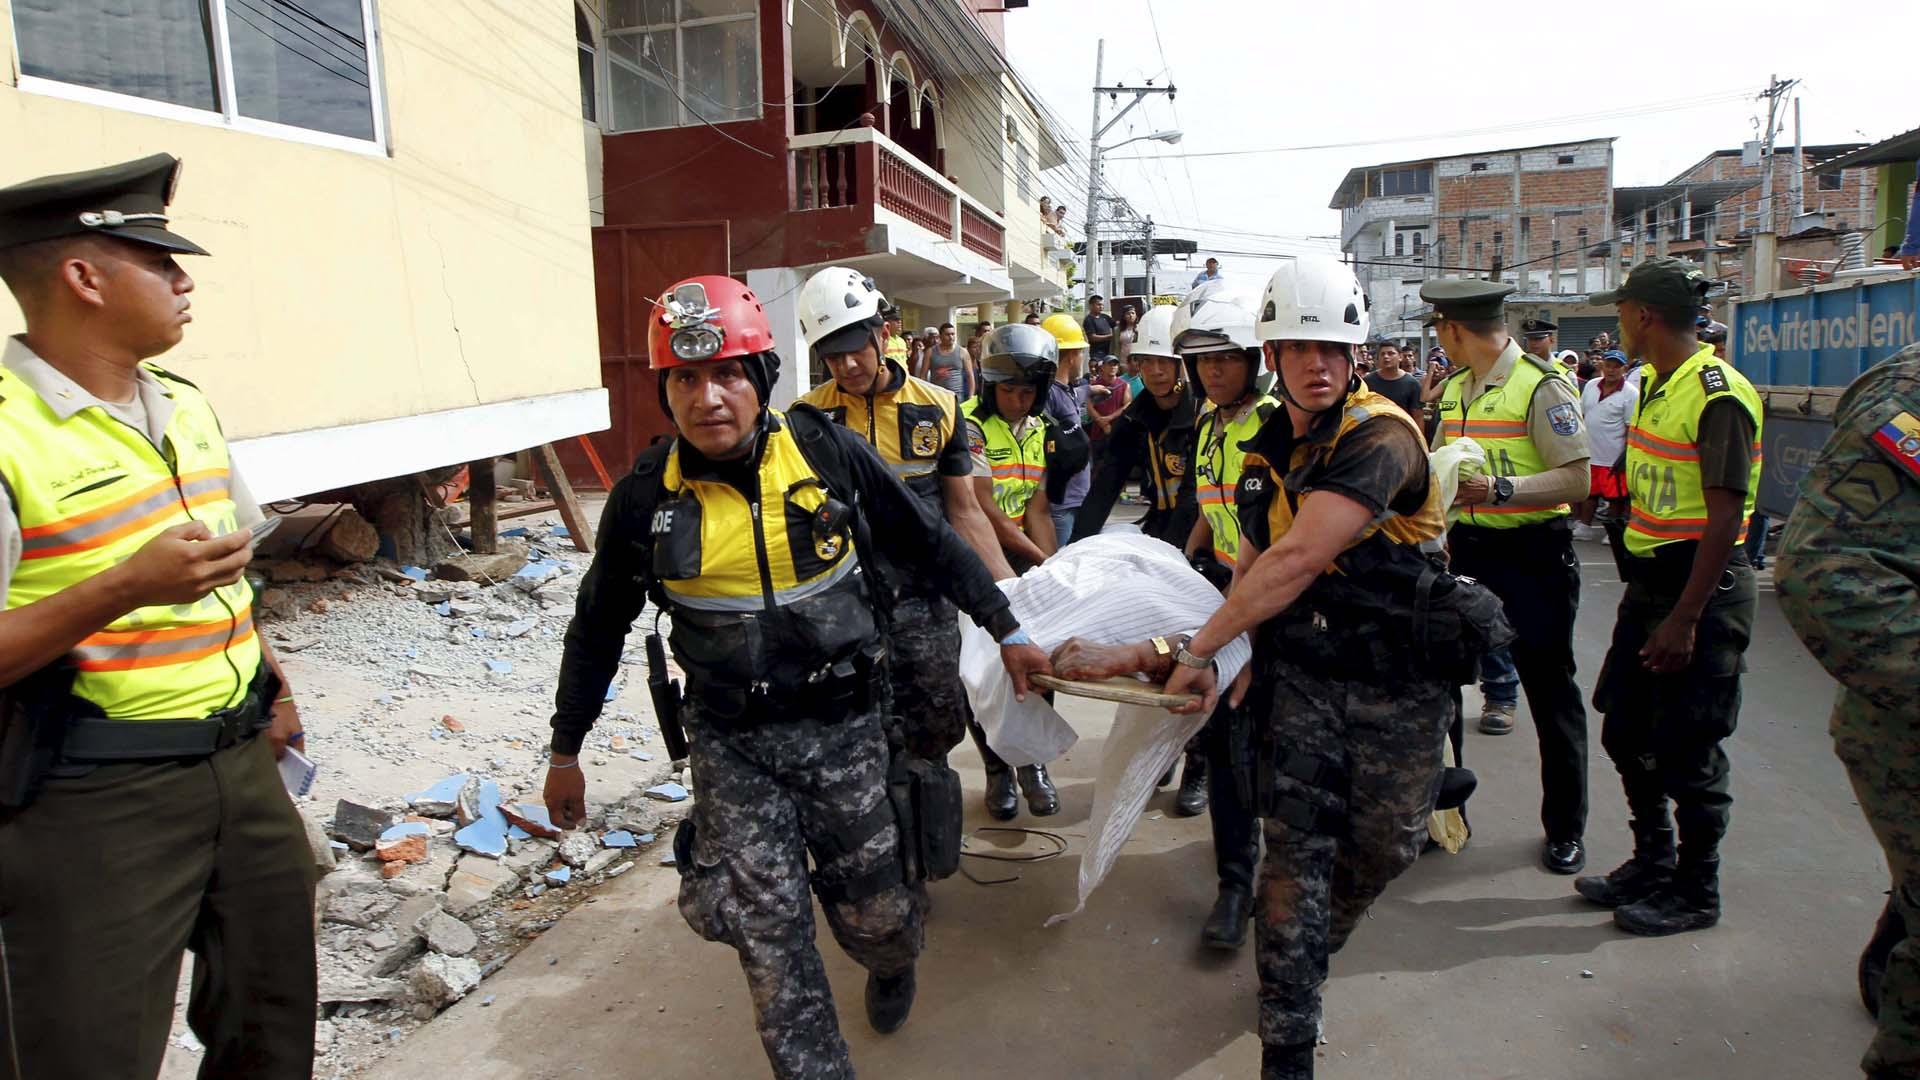 Otras 1.550 personas permanecen heridas, hospitales móviles se han desplegado en su auxilio